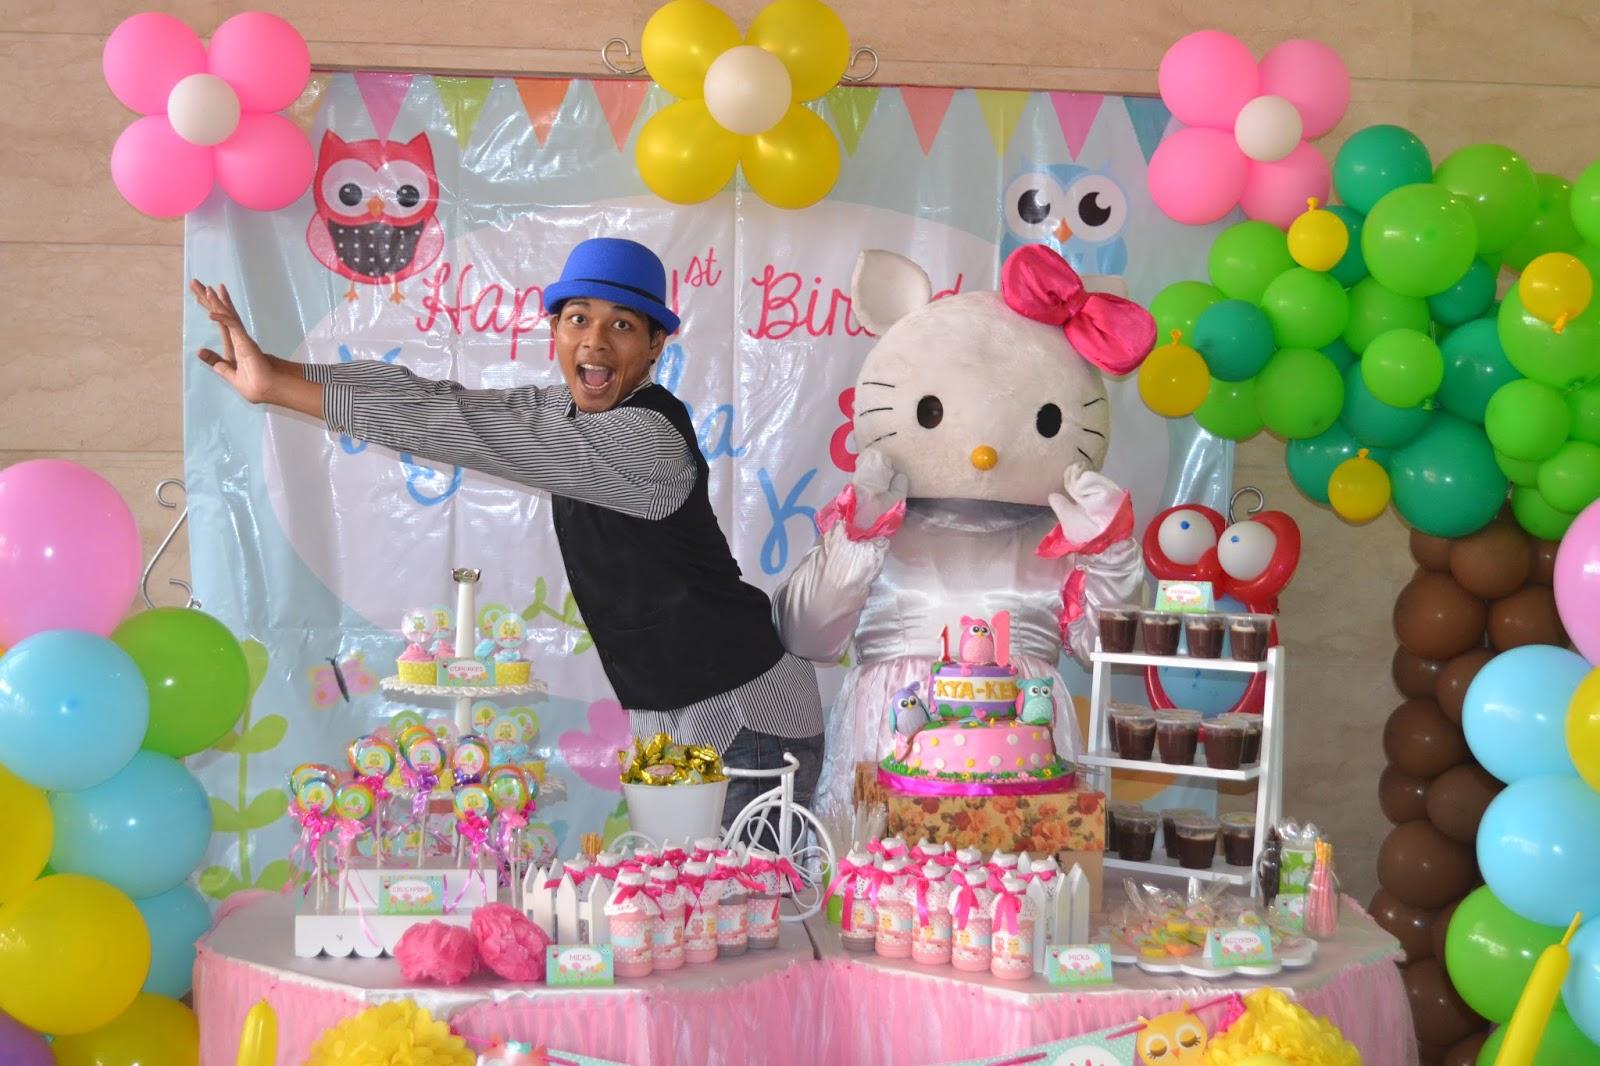 Bahagianya Ulang Tahun di Bintaro Entertainment center